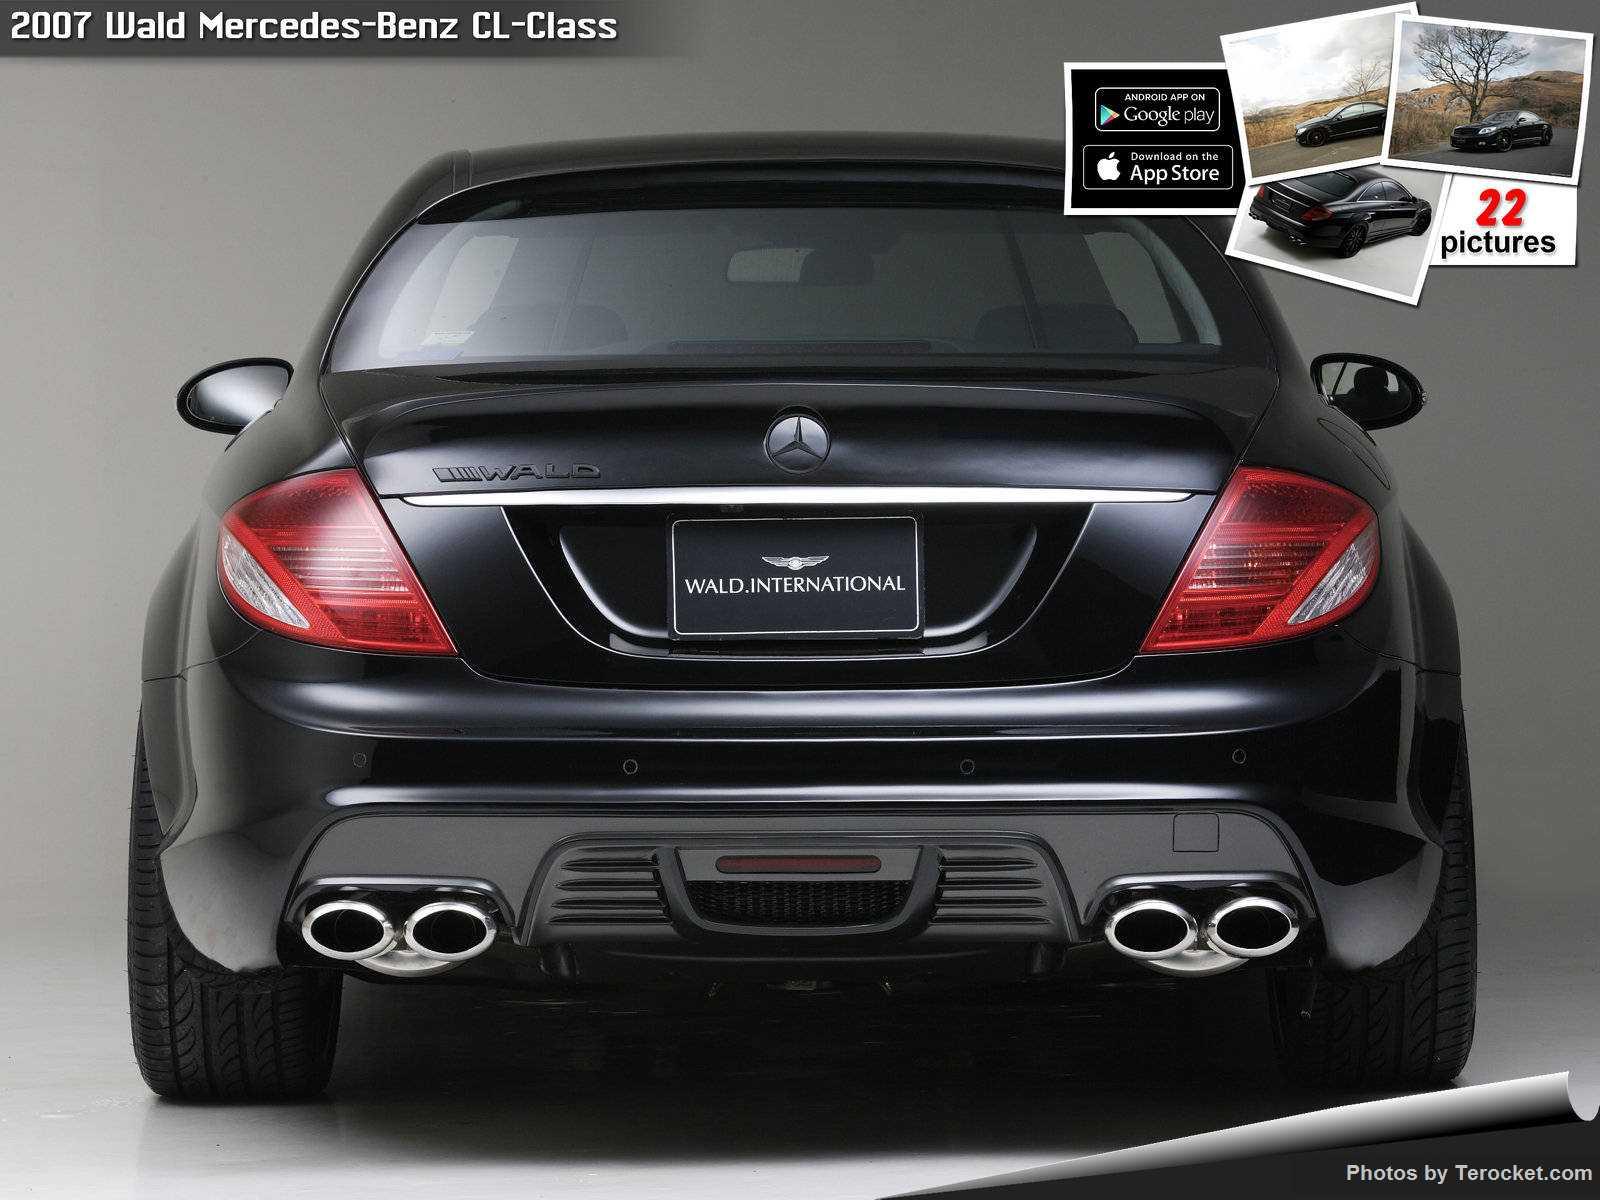 Hình ảnh xe độ Wald Mercedes-Benz CL-Class 2007 & nội ngoại thất